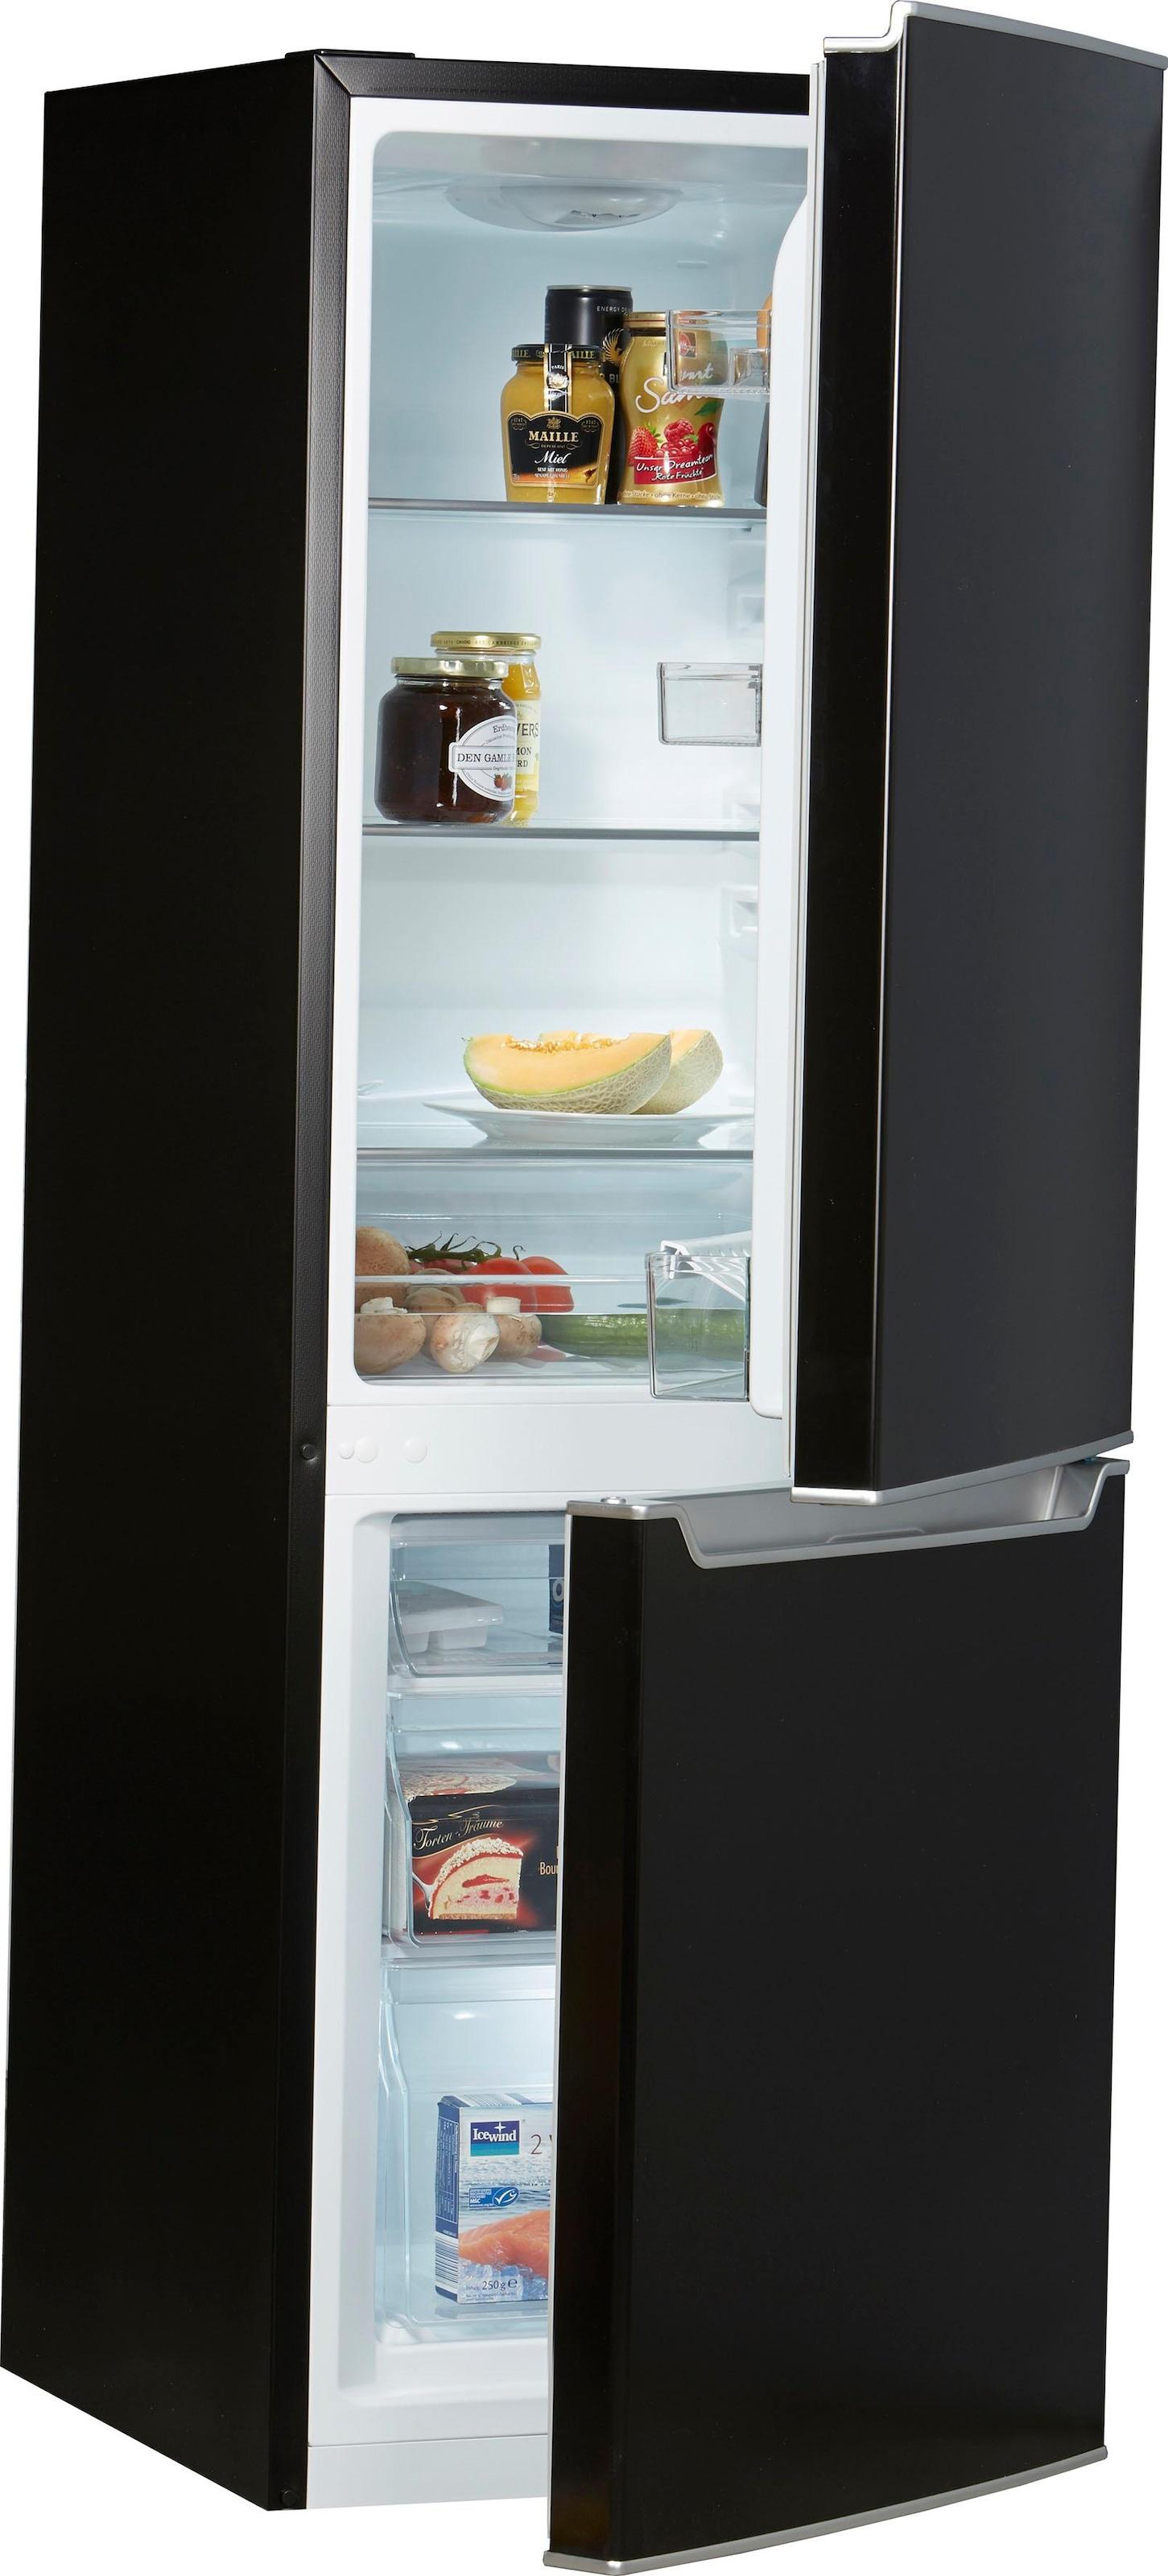 Amerikanischer Kühlschrank Kaufen österreich : Kühlschränke online auf rechnung raten kaufen baur